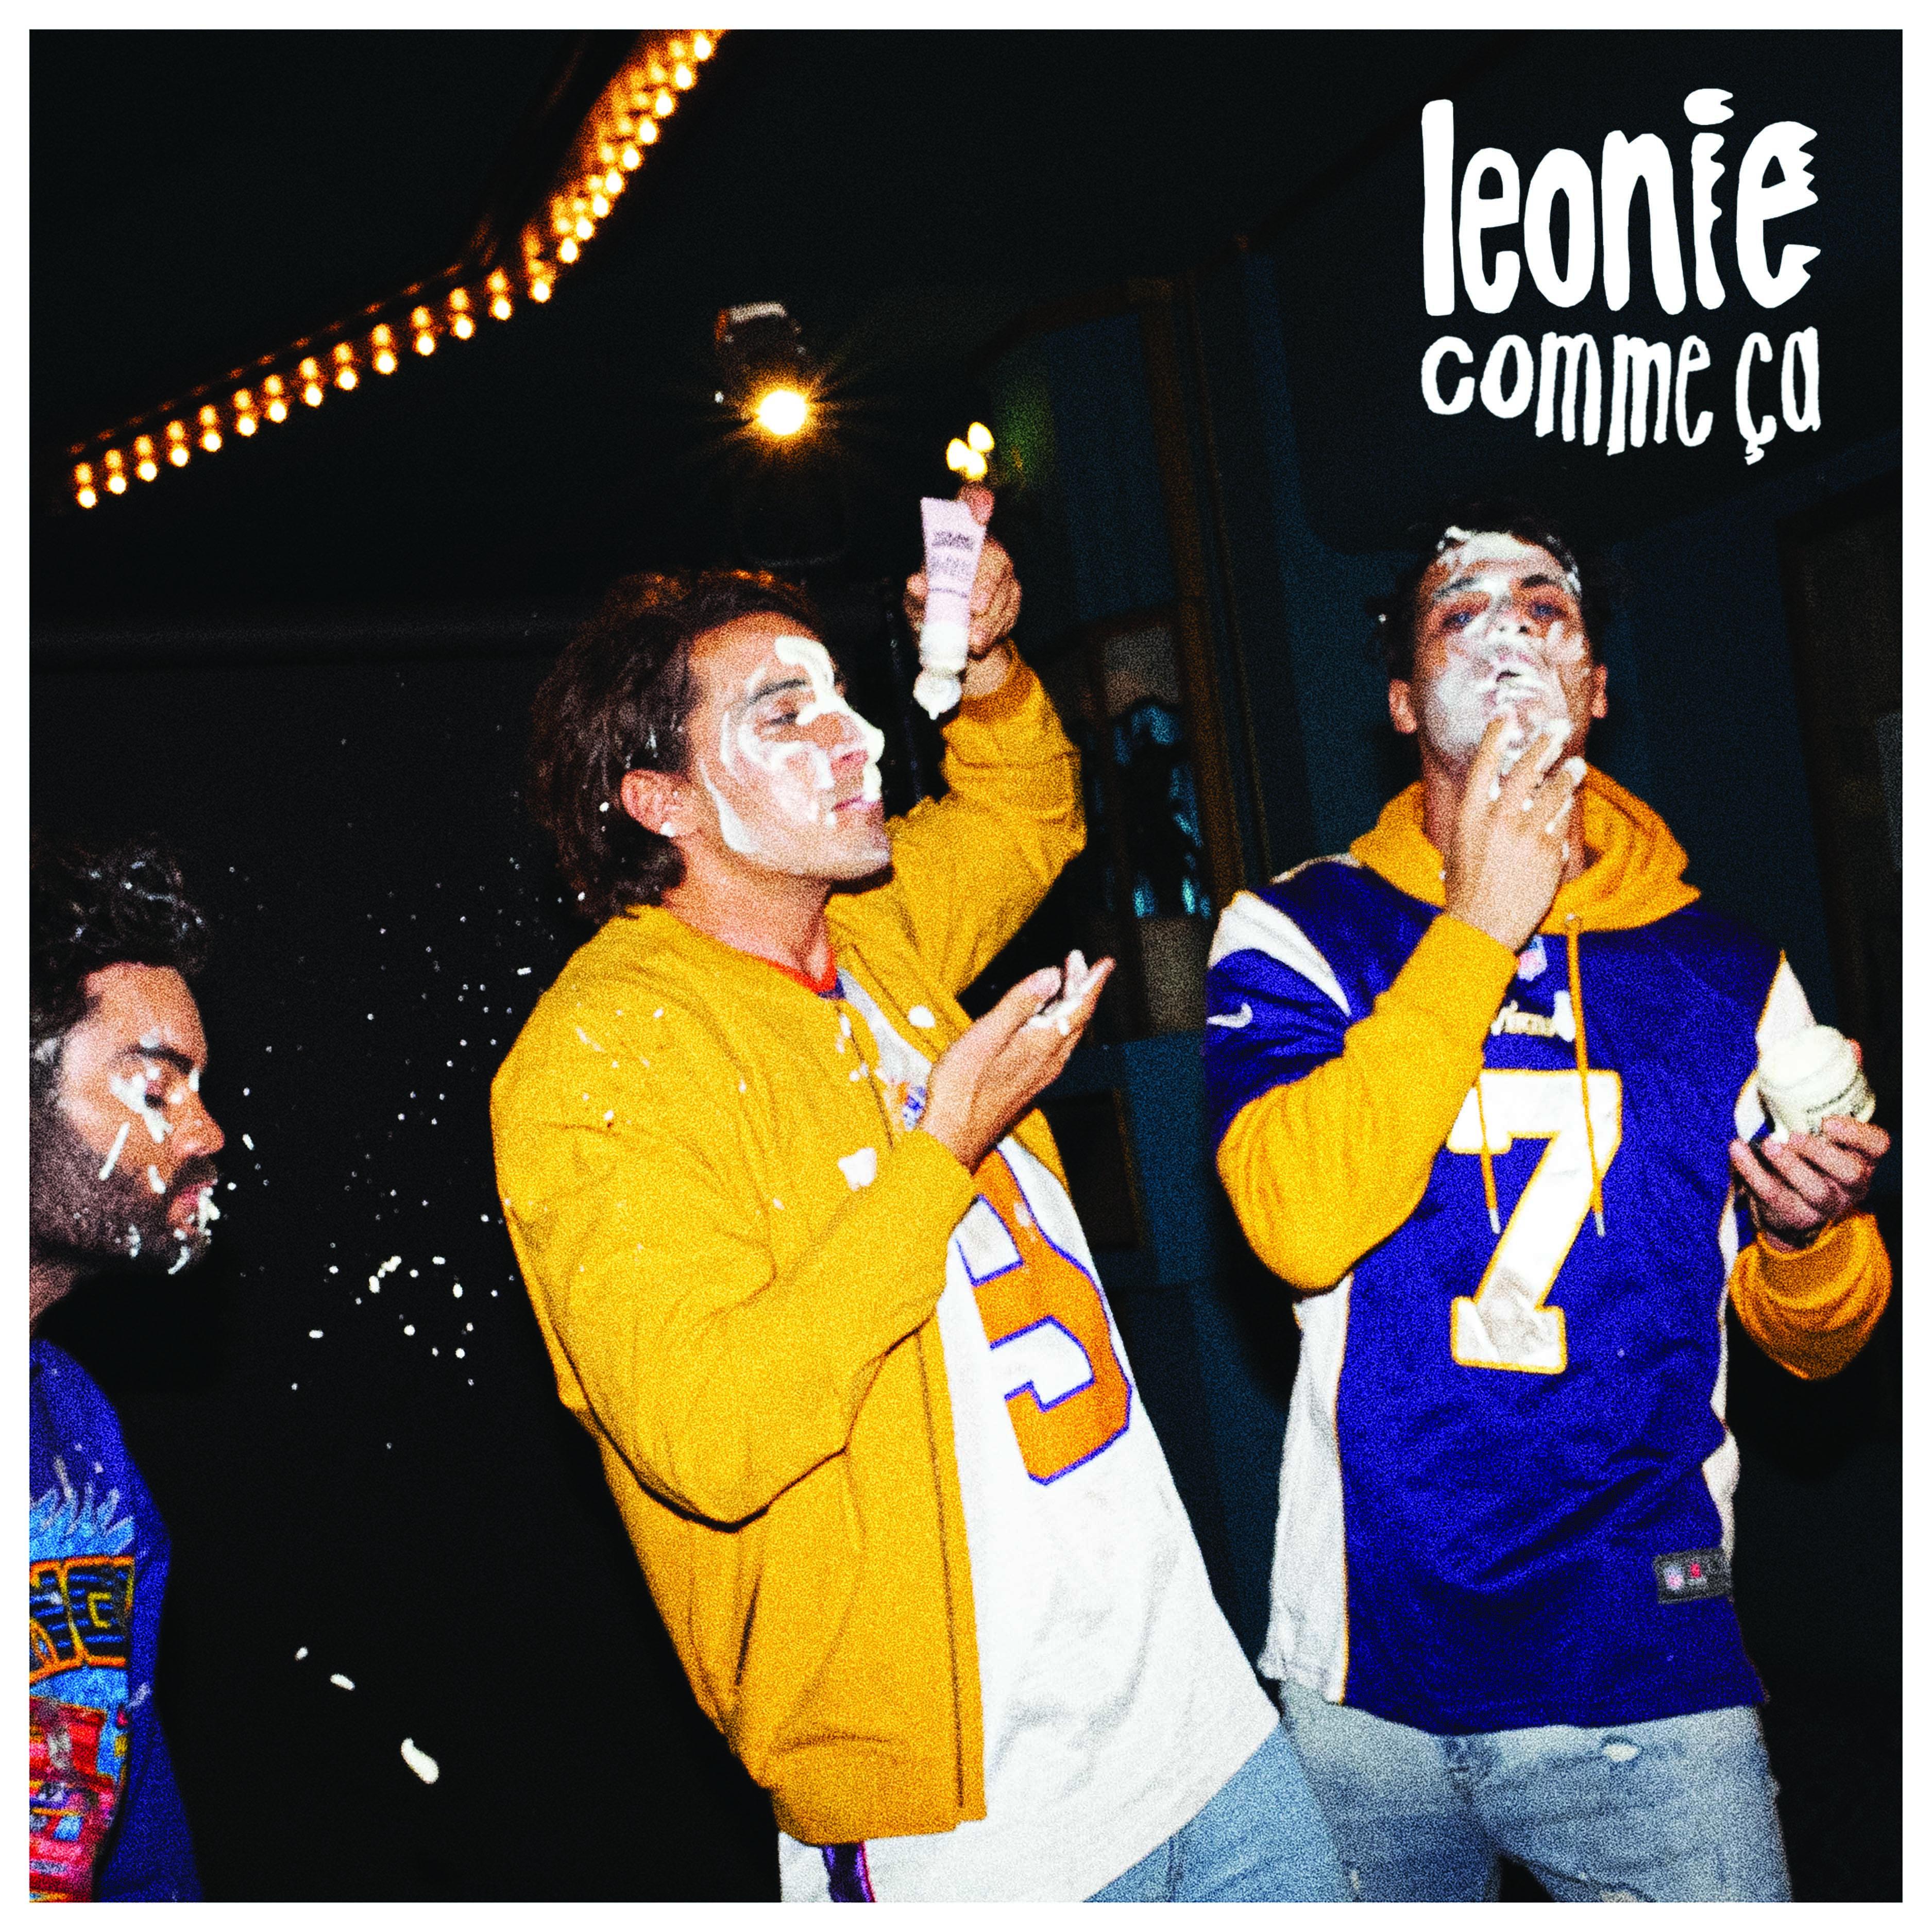 Leonie - Comme ca